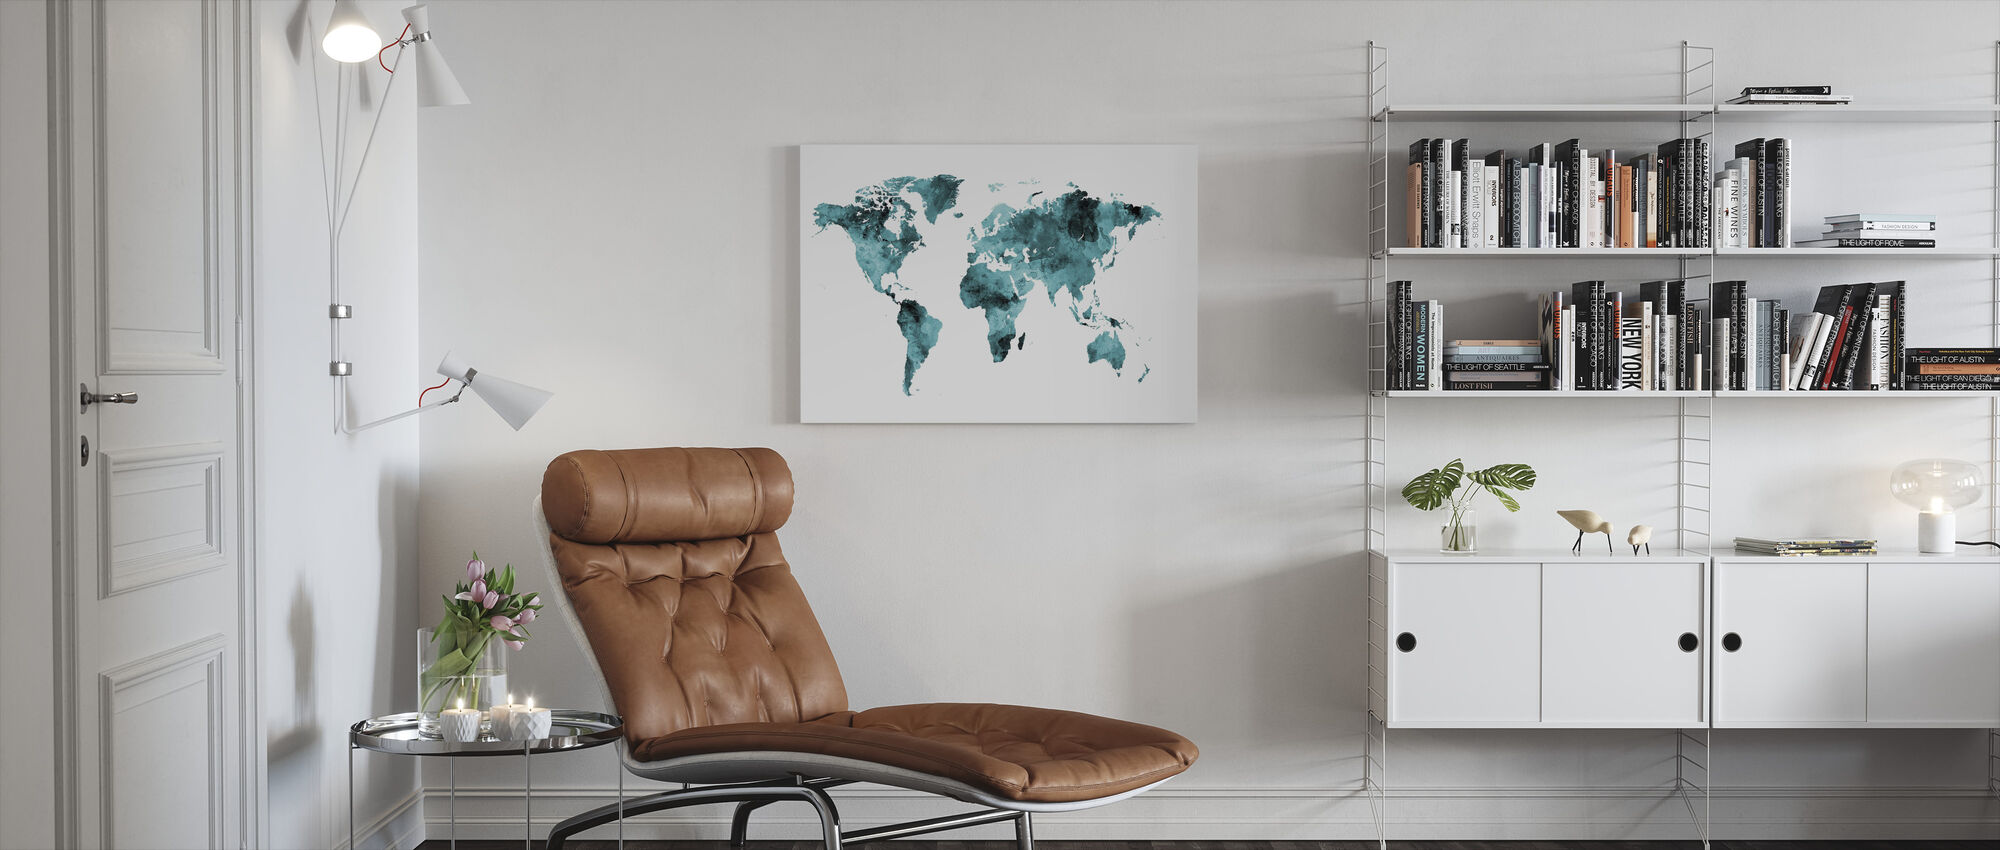 Aquarelle Carte du Monde Turquoise - Impression sur toile - Salle à manger